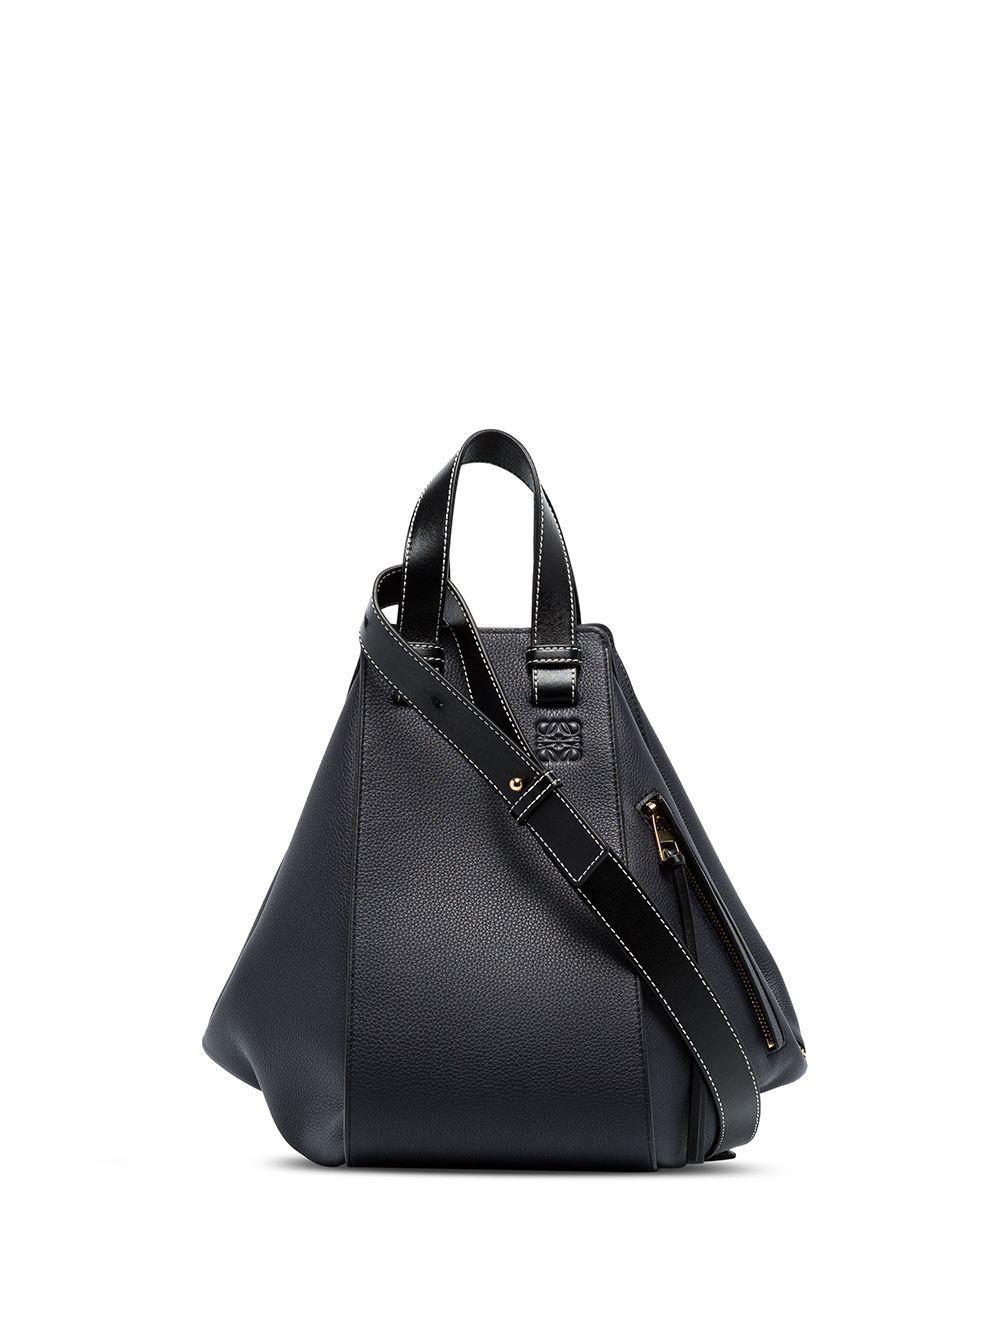 Hammock Medium Handbag